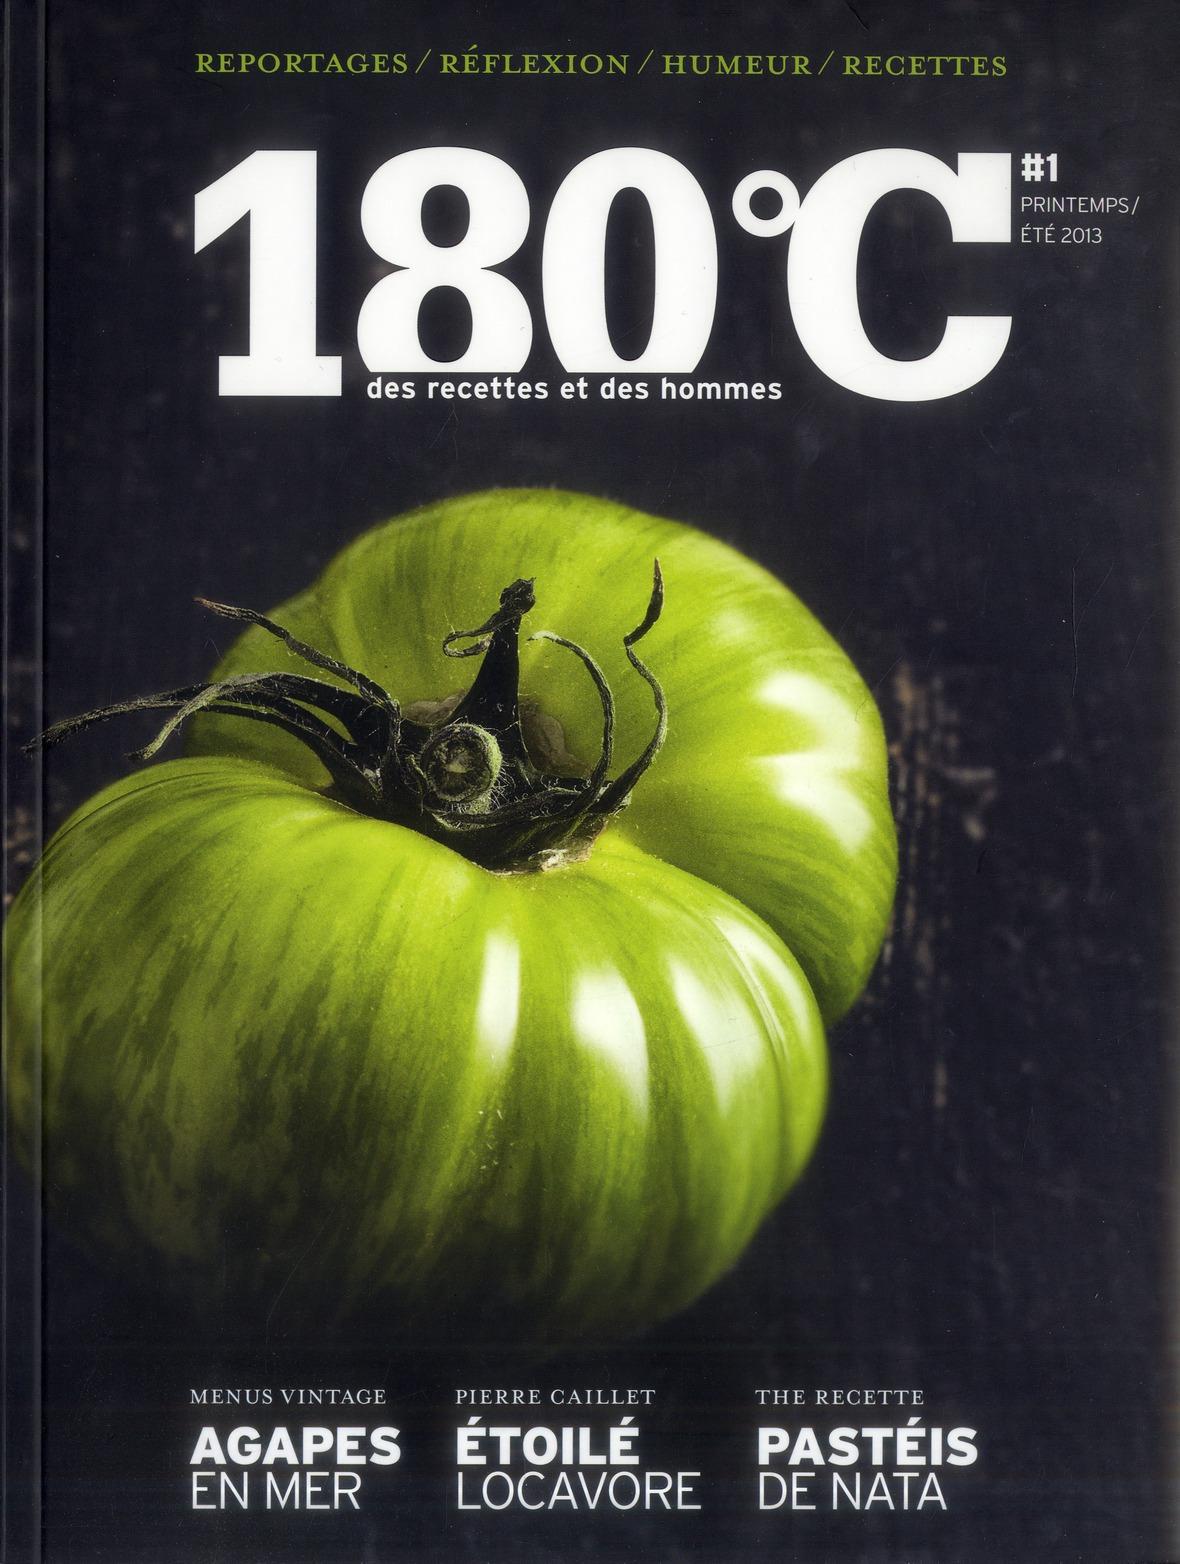 180 C DES RECETTES ET DES HOMMES VOL 1